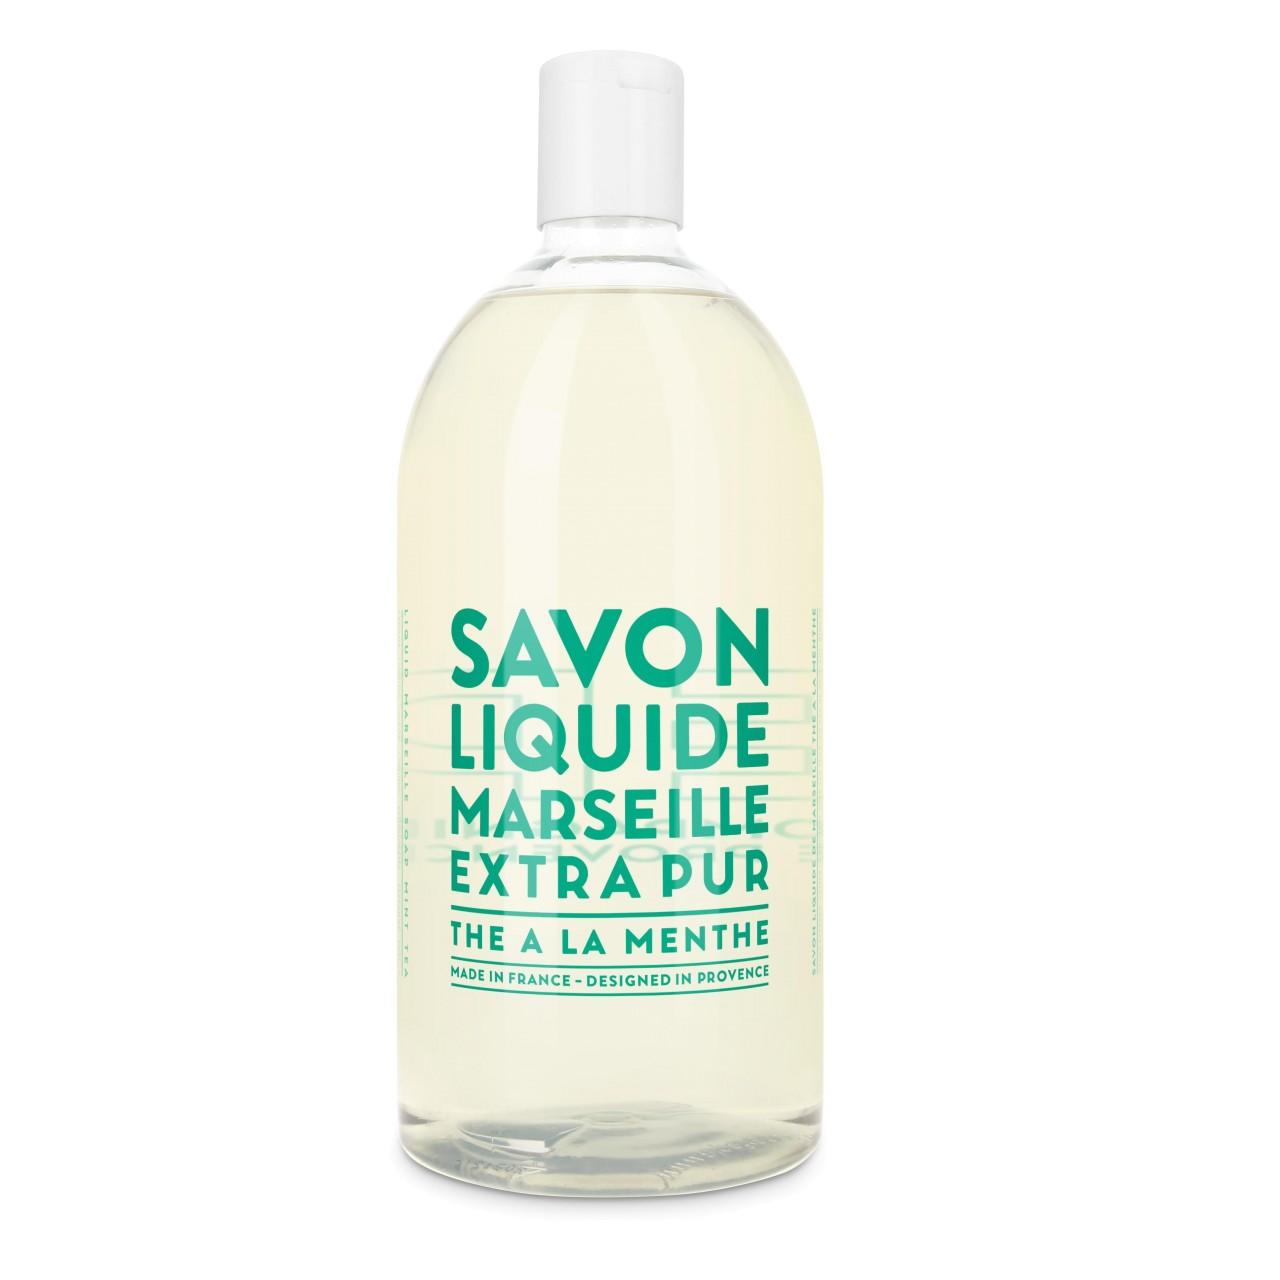 Sapone liquido di Marsiglia al Tè alla menta ricarica 1L Compagnie de Provence Italia CPPF0101SL01LMN-01